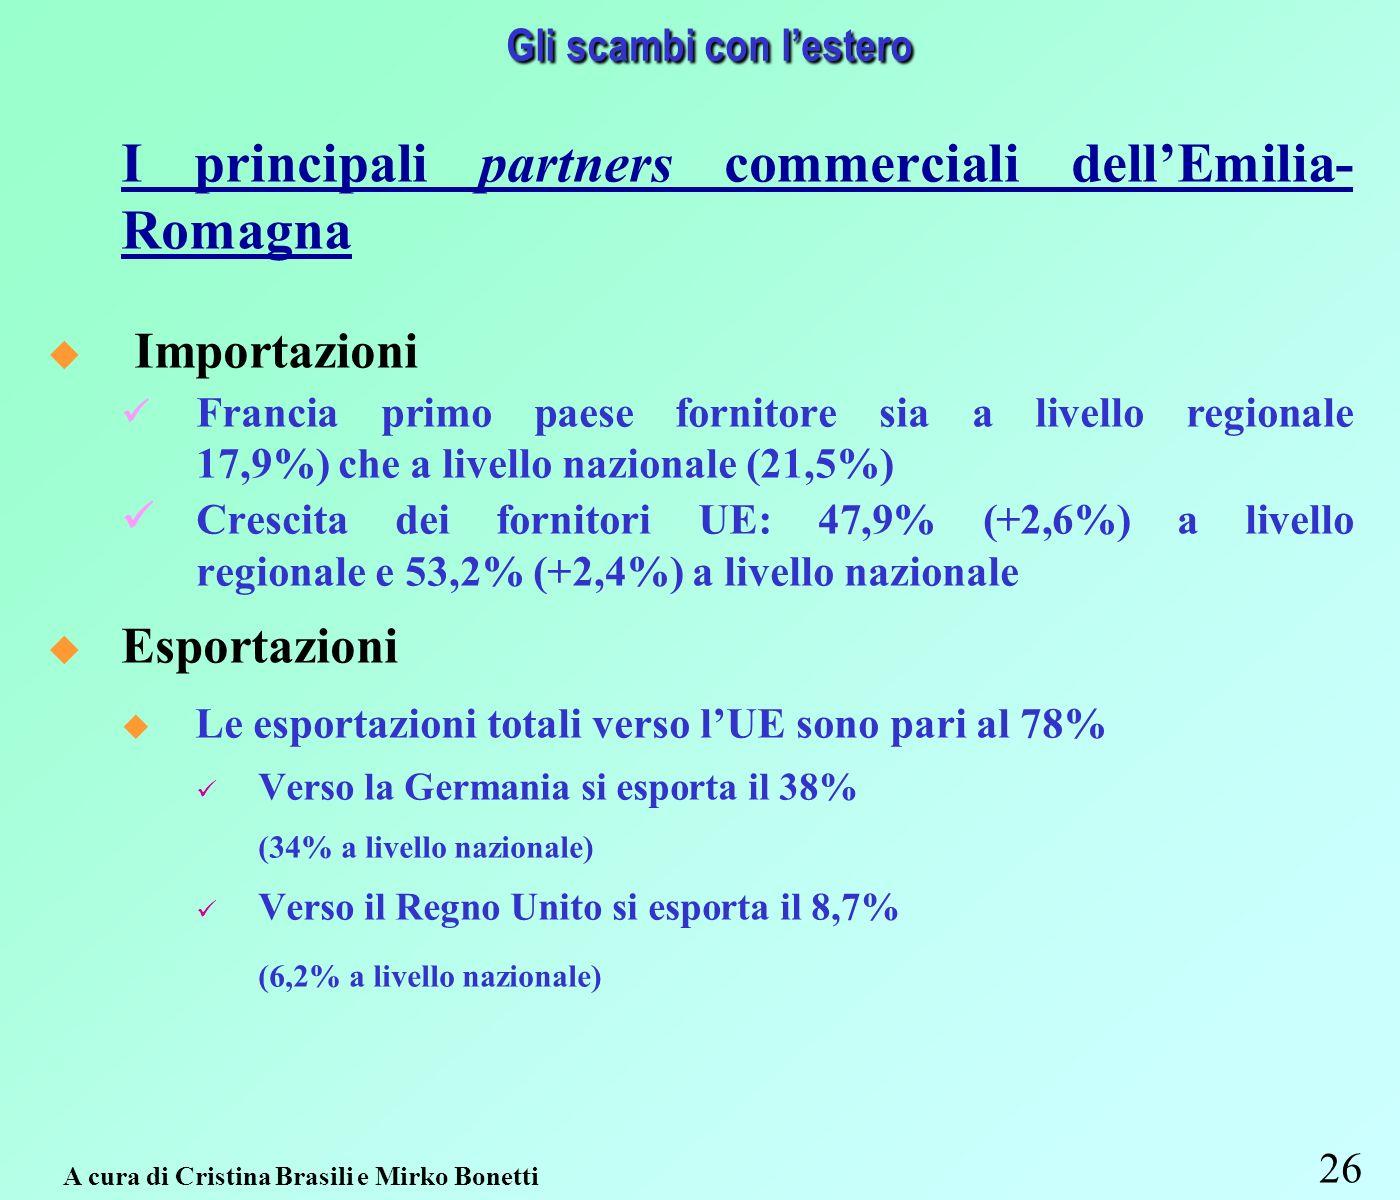 26 A cura di Cristina Brasili e Mirko Bonetti Gli scambi con lestero I principali partners commerciali dellEmilia- Romagna Importazioni Francia primo paese fornitore sia a livello regionale 17,9%) che a livello nazionale (21,5%) Crescita dei fornitori UE: 47,9% (+2,6%) a livello regionale e 53,2% (+2,4%) a livello nazionale Esportazioni u Le esportazioni totali verso lUE sono pari al 78% Verso la Germania si esporta il 38% (34% a livello nazionale) Verso il Regno Unito si esporta il 8,7% (6,2% a livello nazionale)